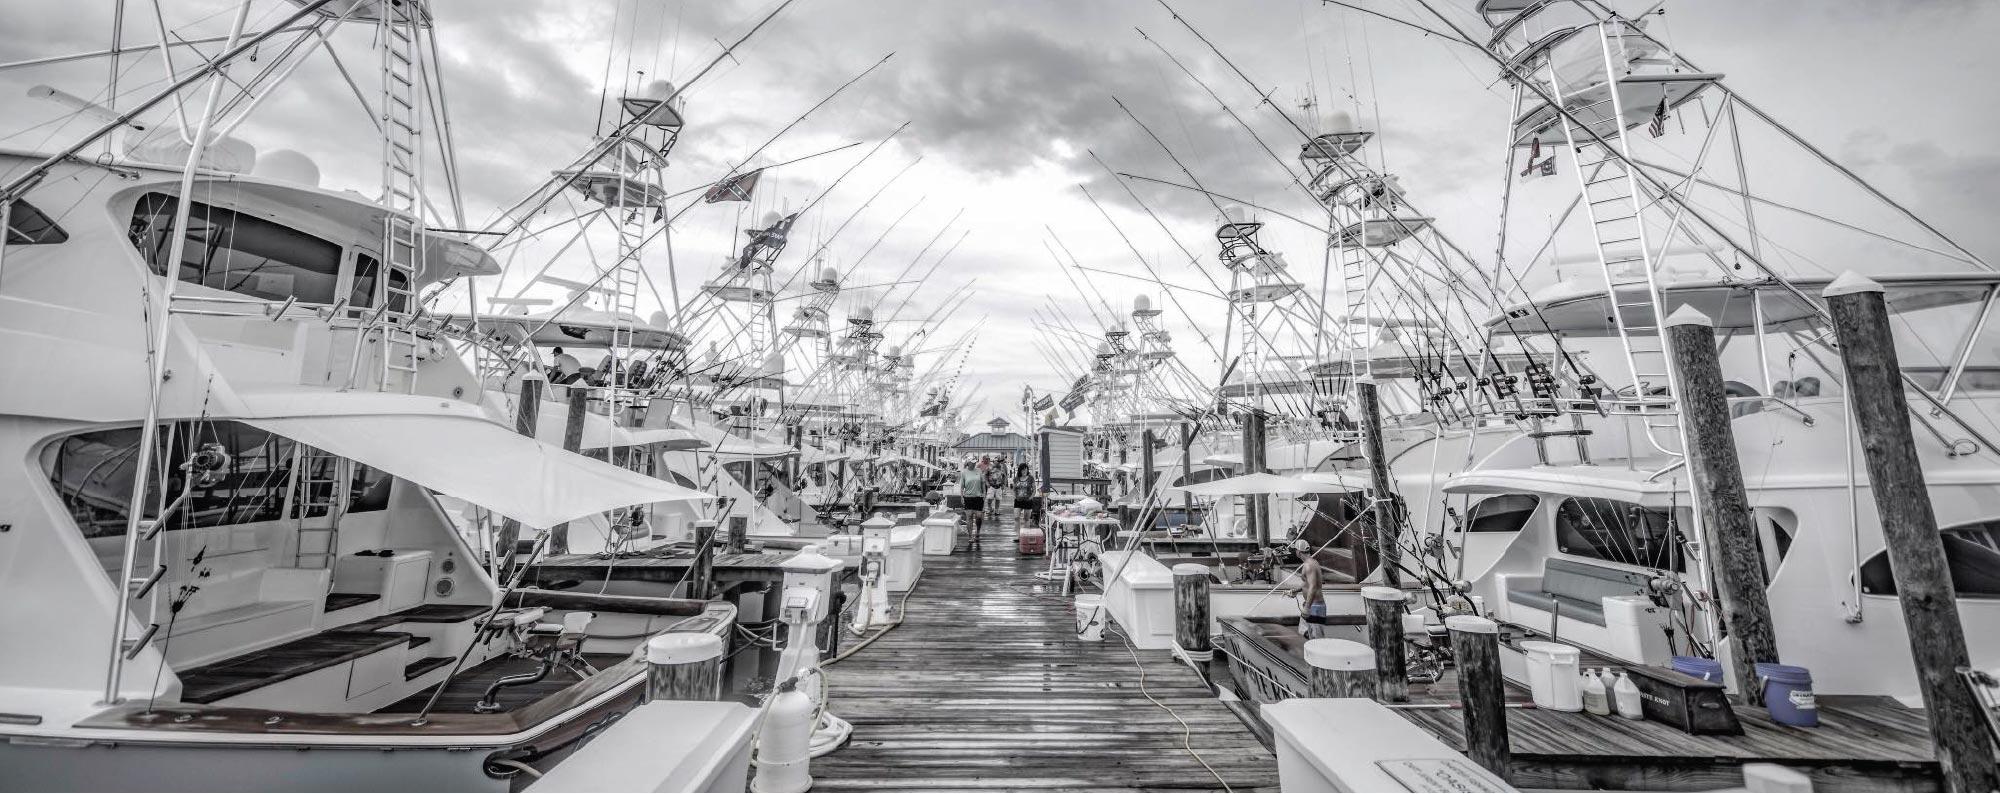 Greyscale Marina dock full of fishing boats